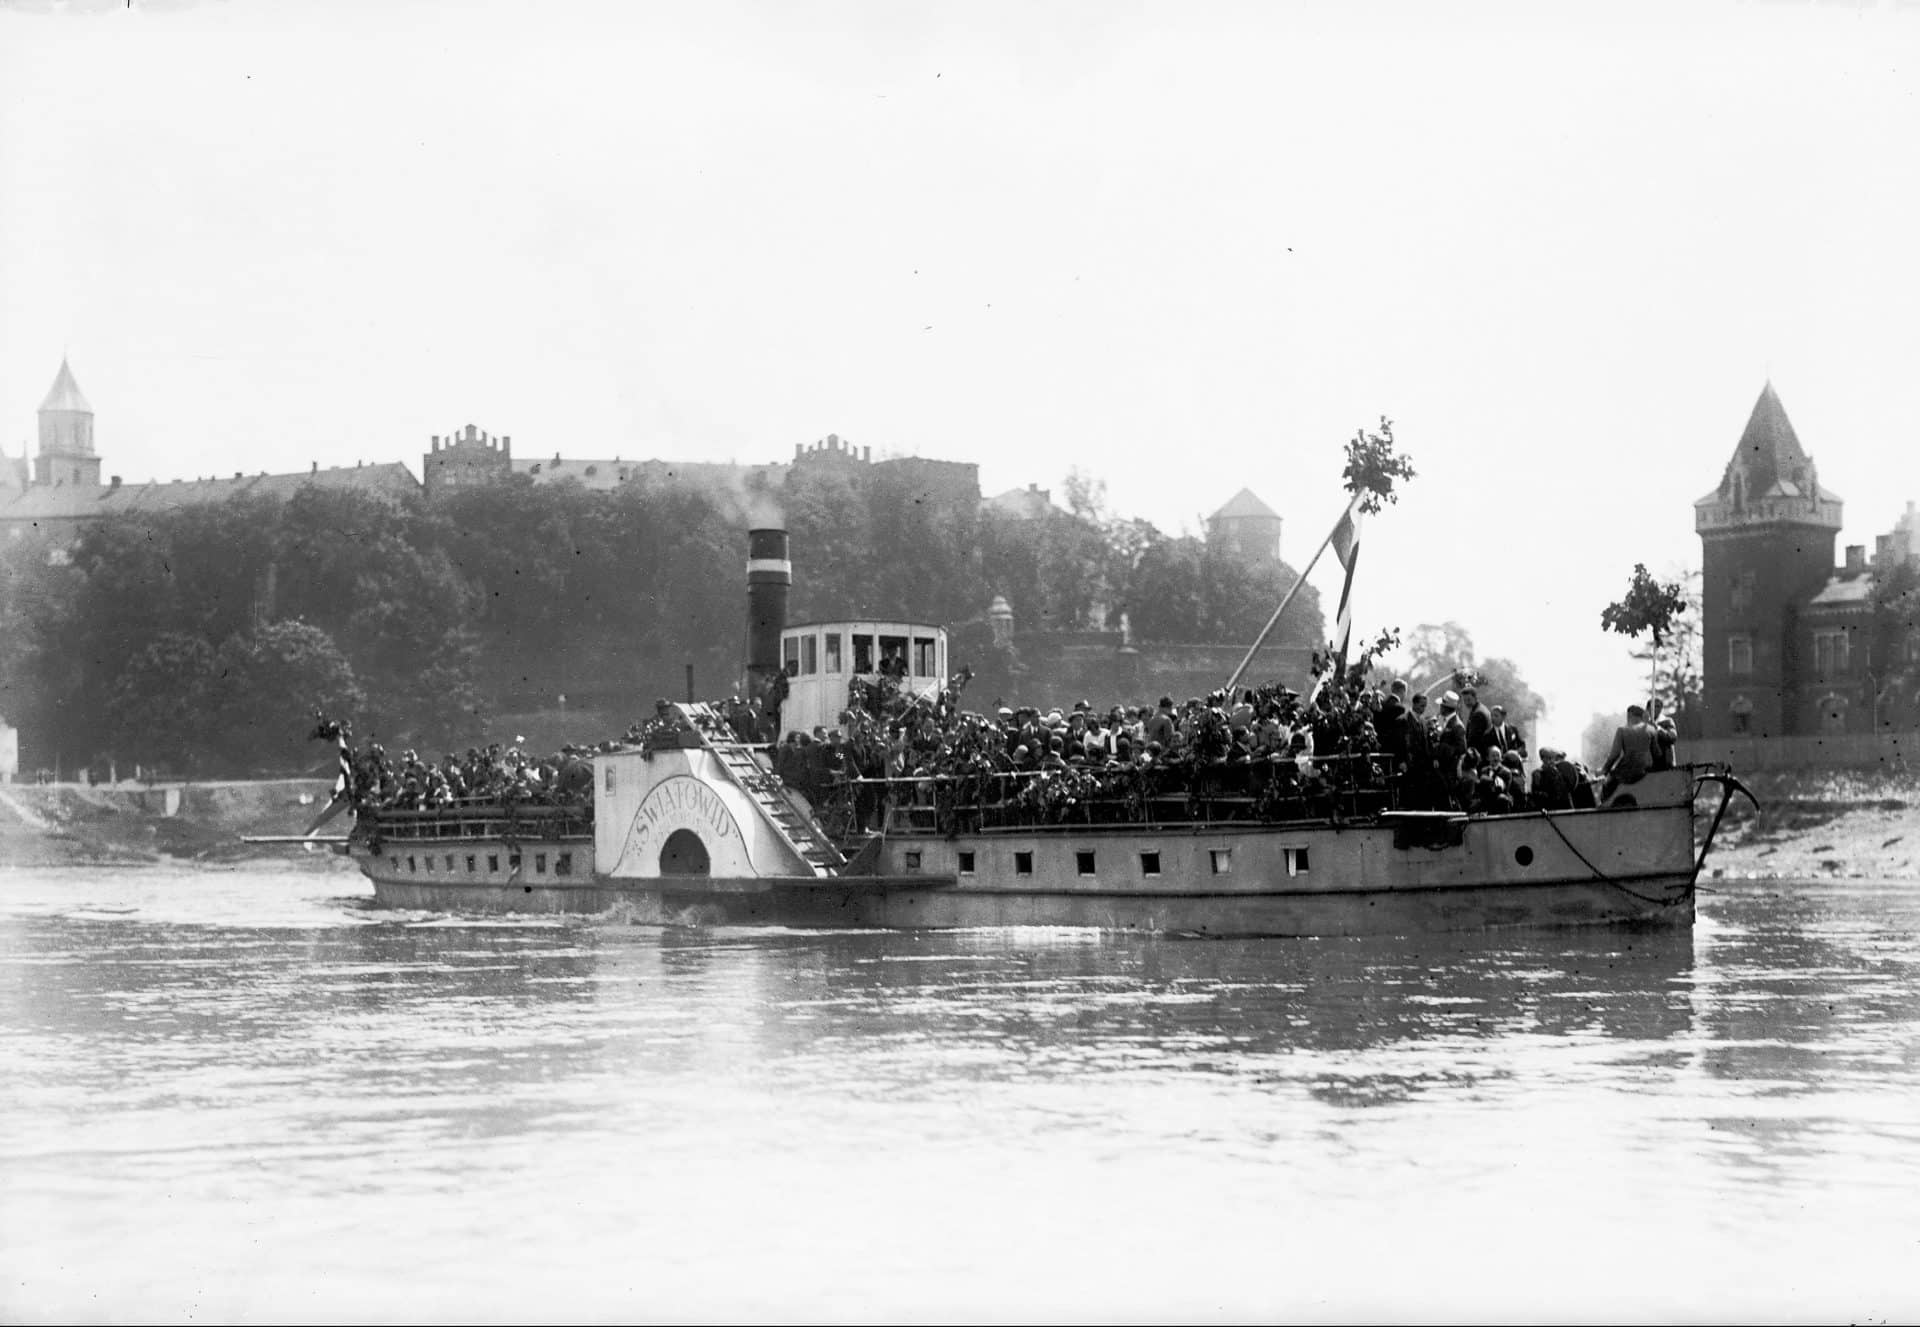 Statek wycieczkowy Światowid w 1925 roku. Krakowianie płyną odwiedzić Klasztor Kamedułów na Bielanach z okazji Zielonych Świątek.